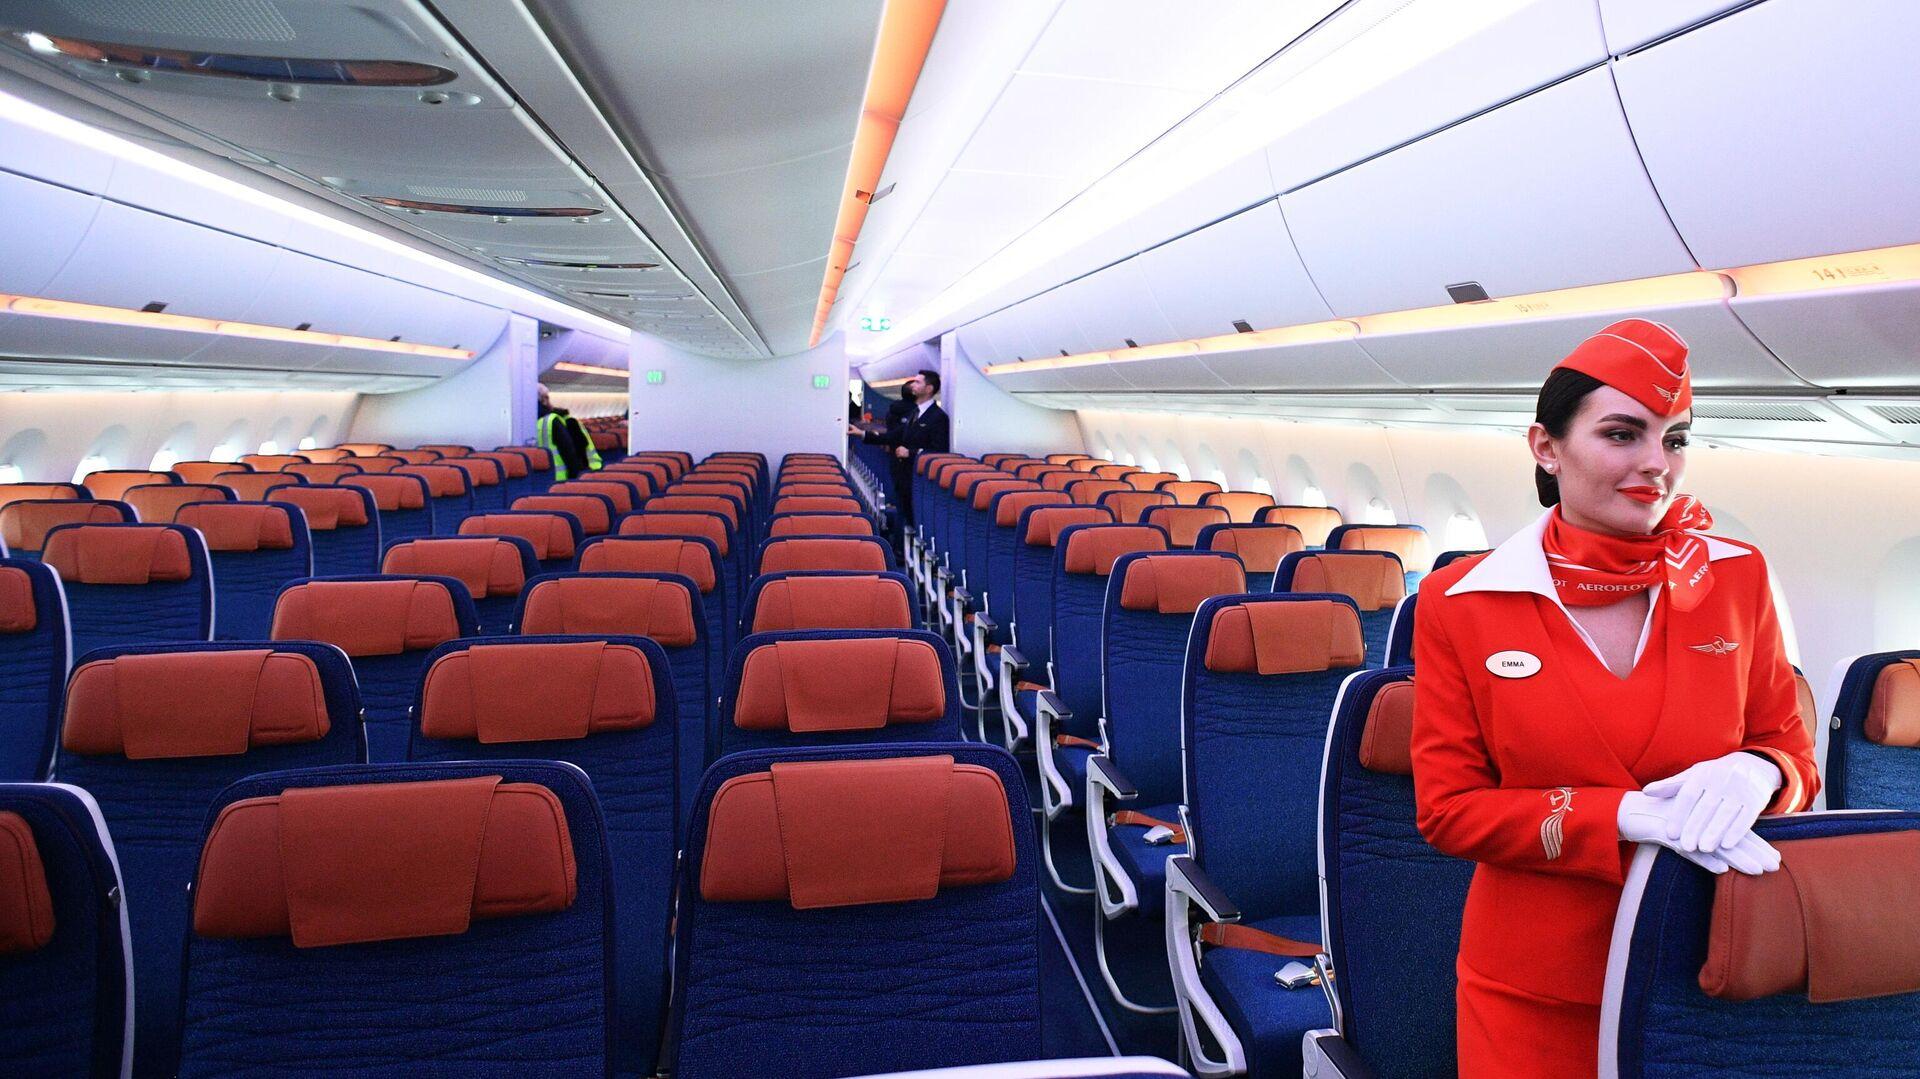 Стюардесса в салоне дальнемагистрального широкофюзеляжного пассажирского самолета Airbus A350-900 - РИА Новости, 1920, 11.01.2021